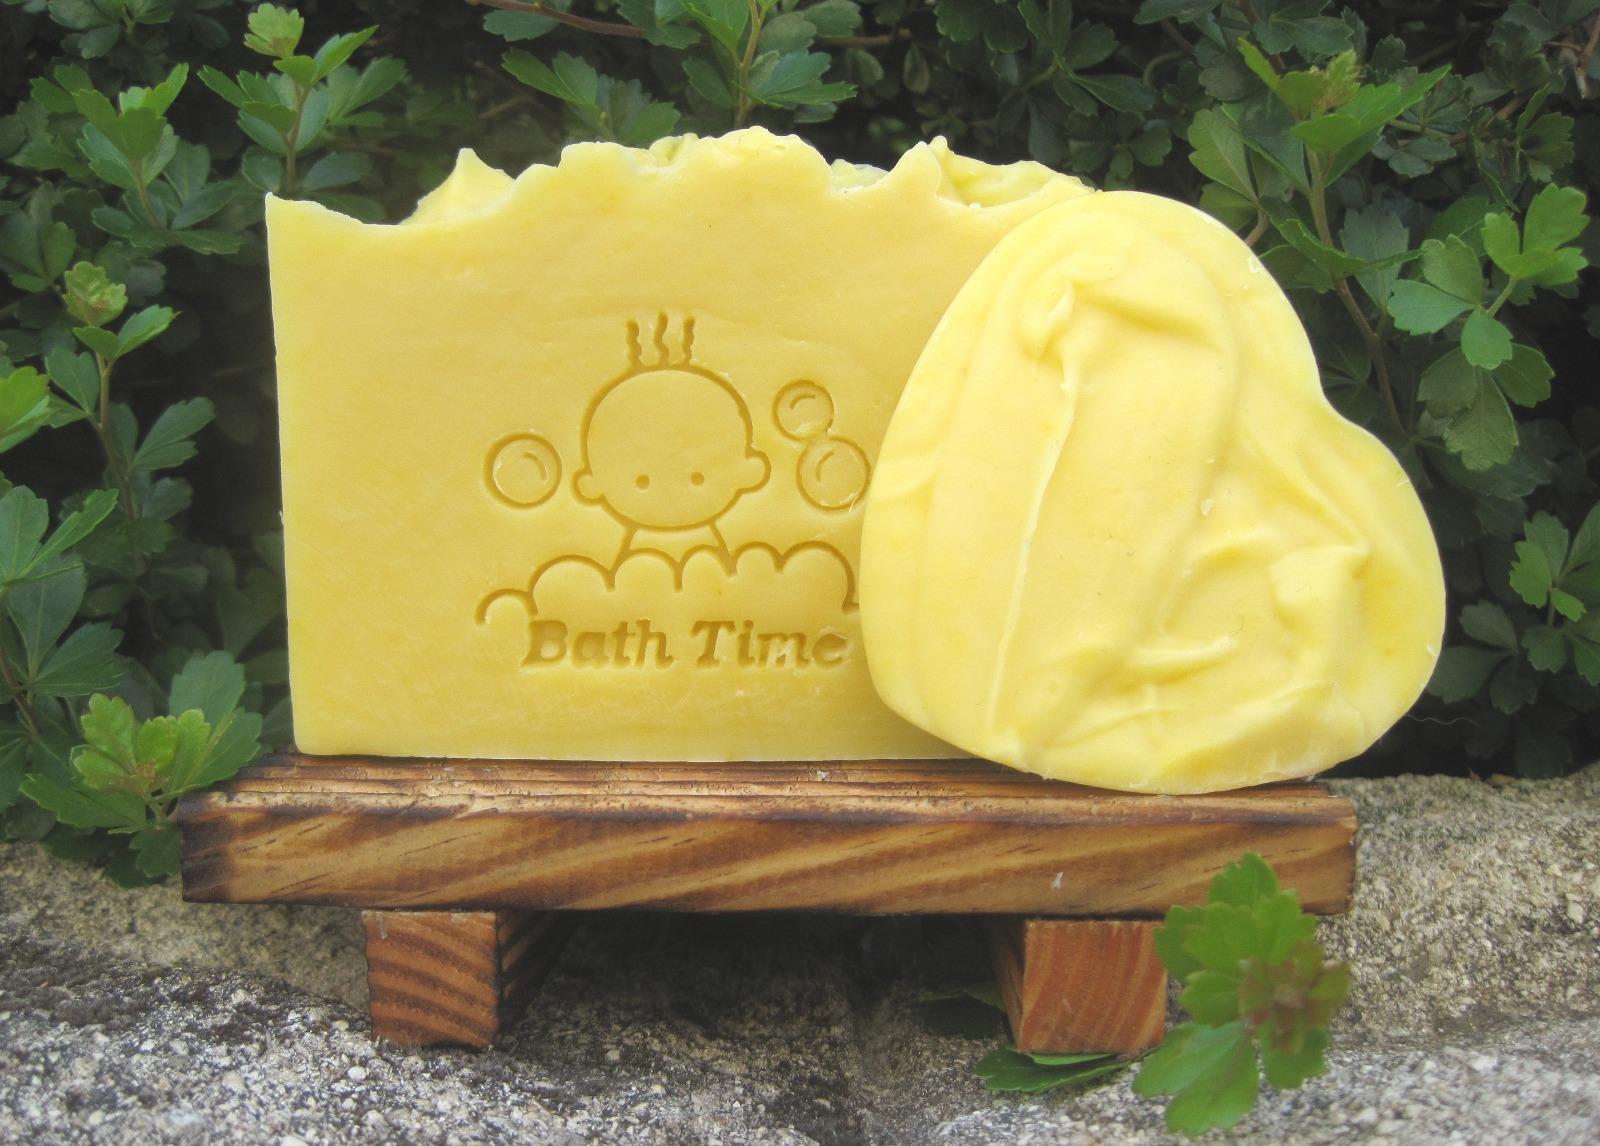 (ה) סבון מוצק אורגני לתינוקות ולבעלי עור רגיש, הילה סבונים - 110 גרם